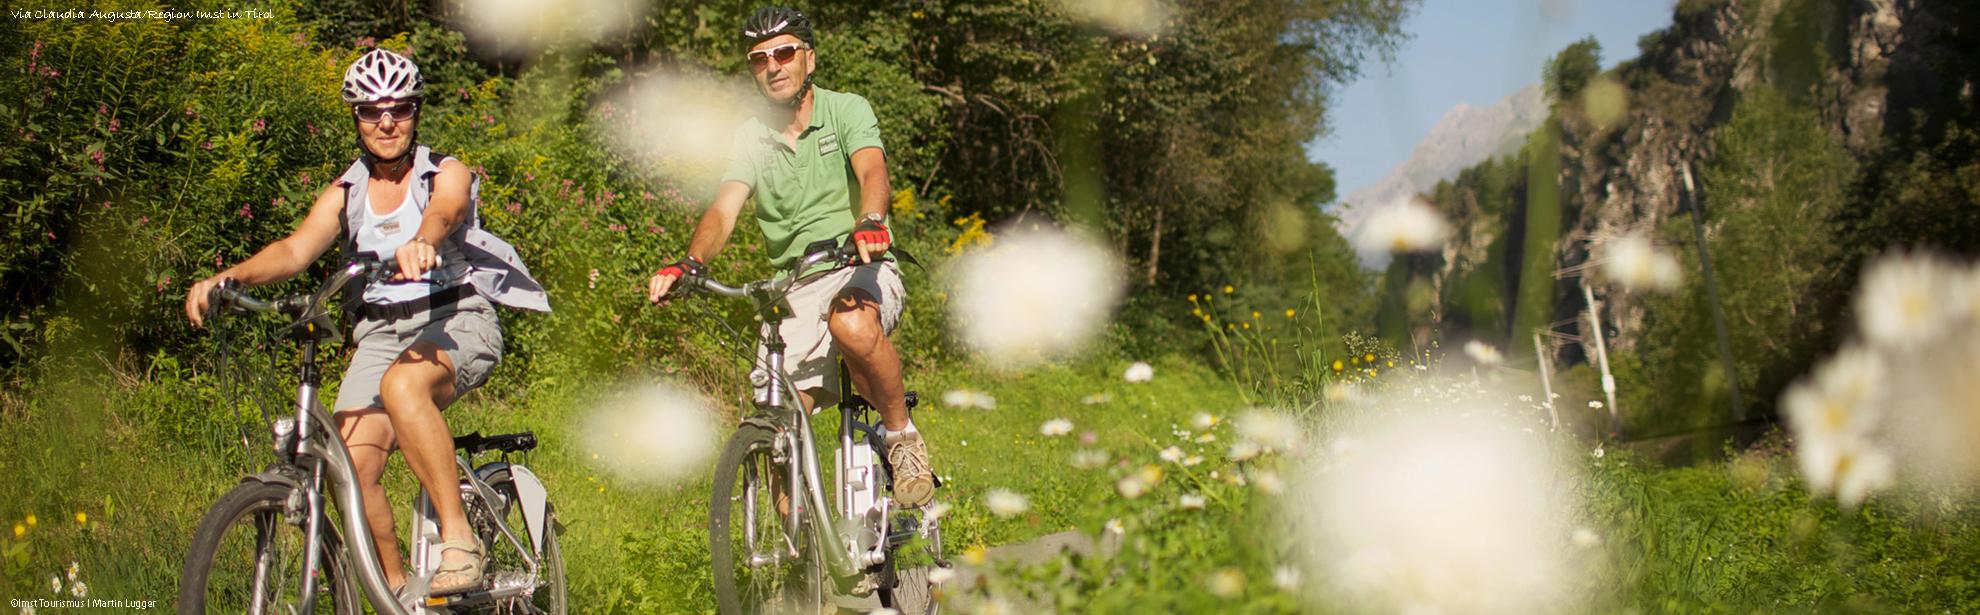 OsportImst-Tourismus_martinlugger.com_Region-Imst_ebike_sommer_imst